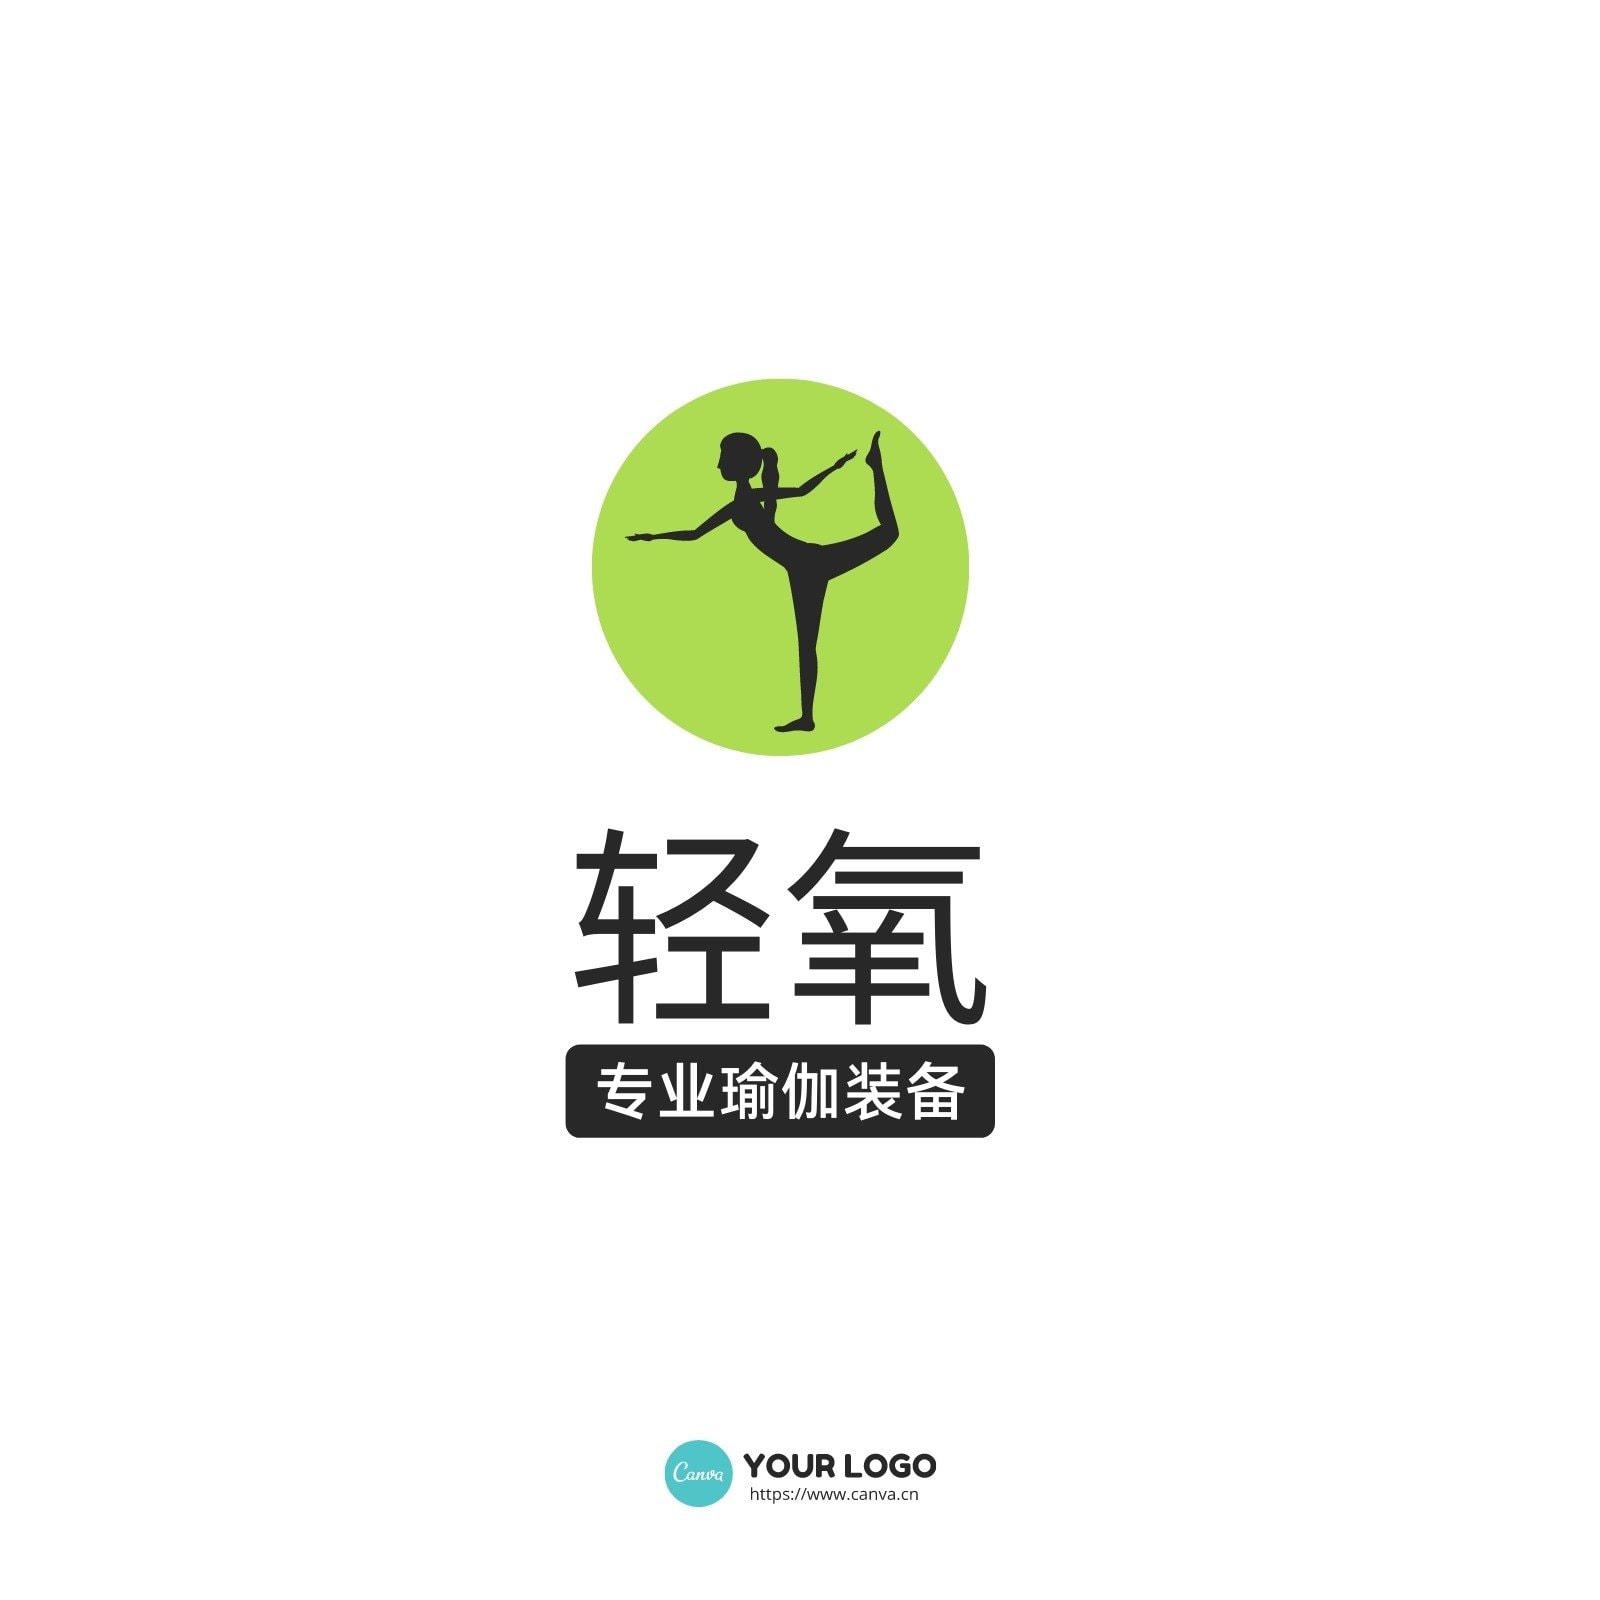 绿黑色女人瑜伽运动品牌logo简约运动健身中文logo